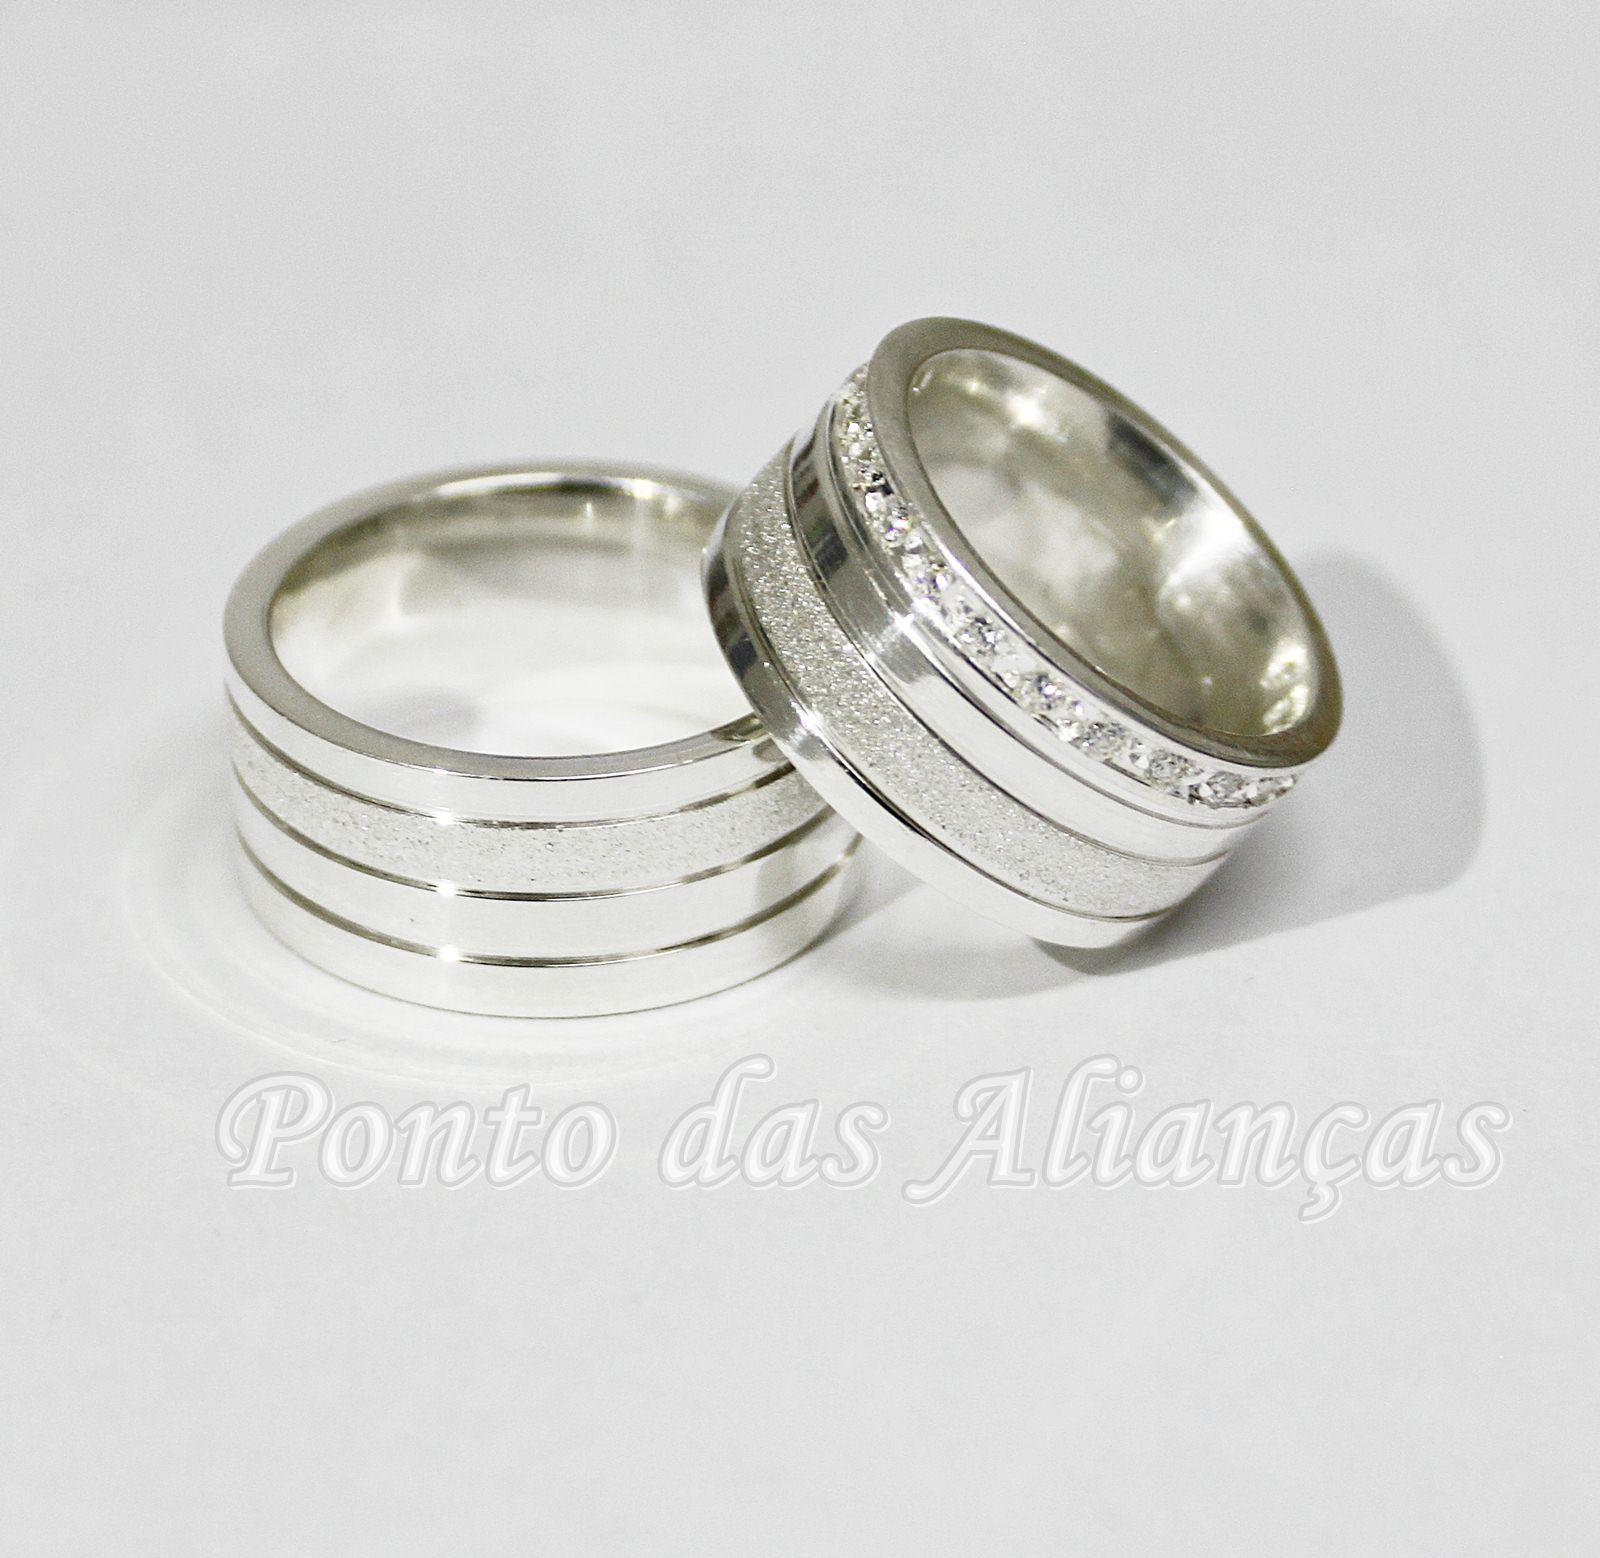 Alianças de Prata Compromisso - 3107